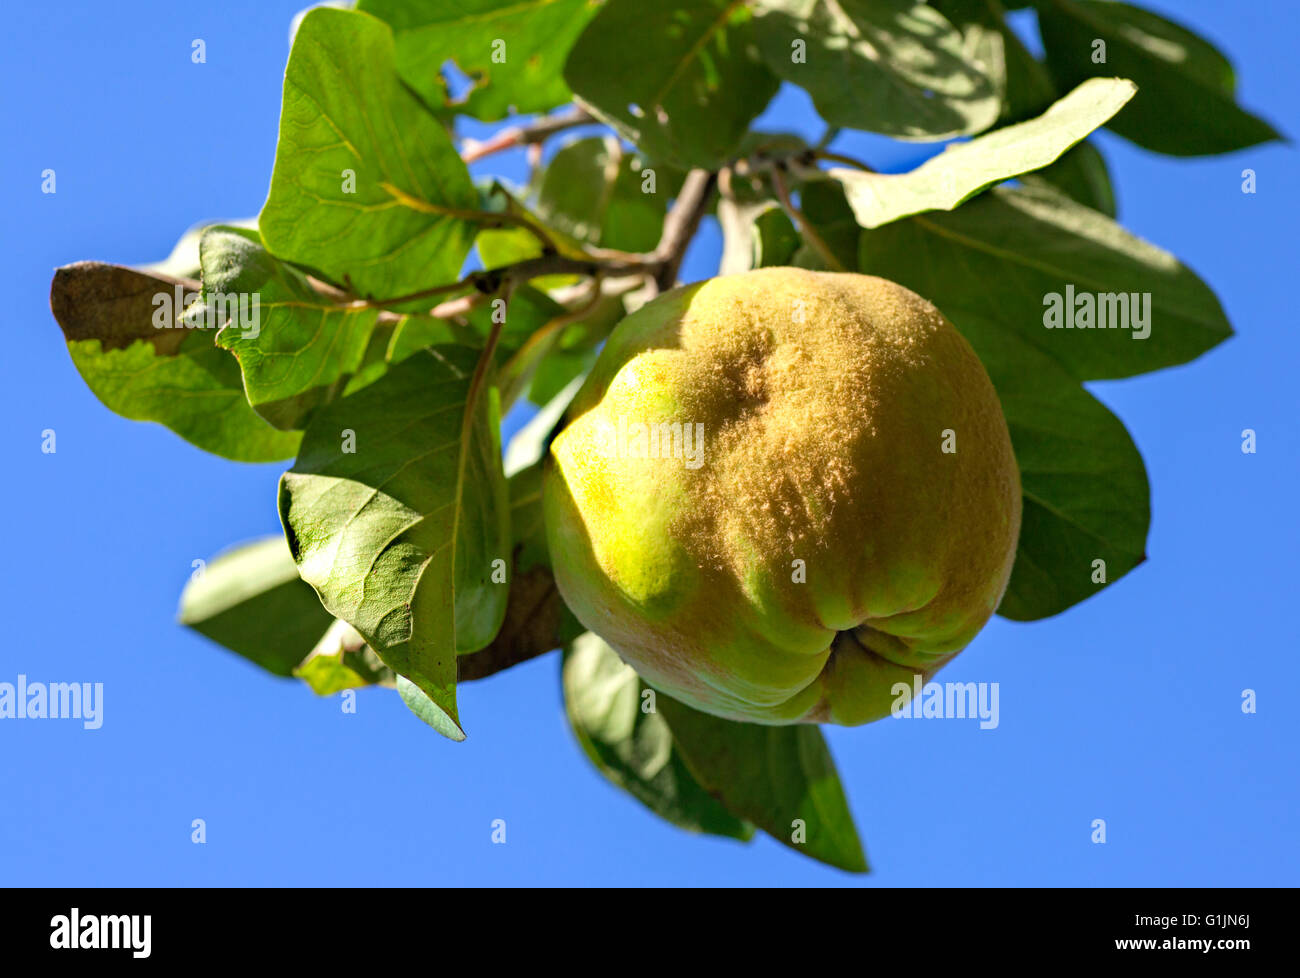 Gereifte Quitten-Früchte hängen von einem Ast gegen blauen Himmel Stockbild